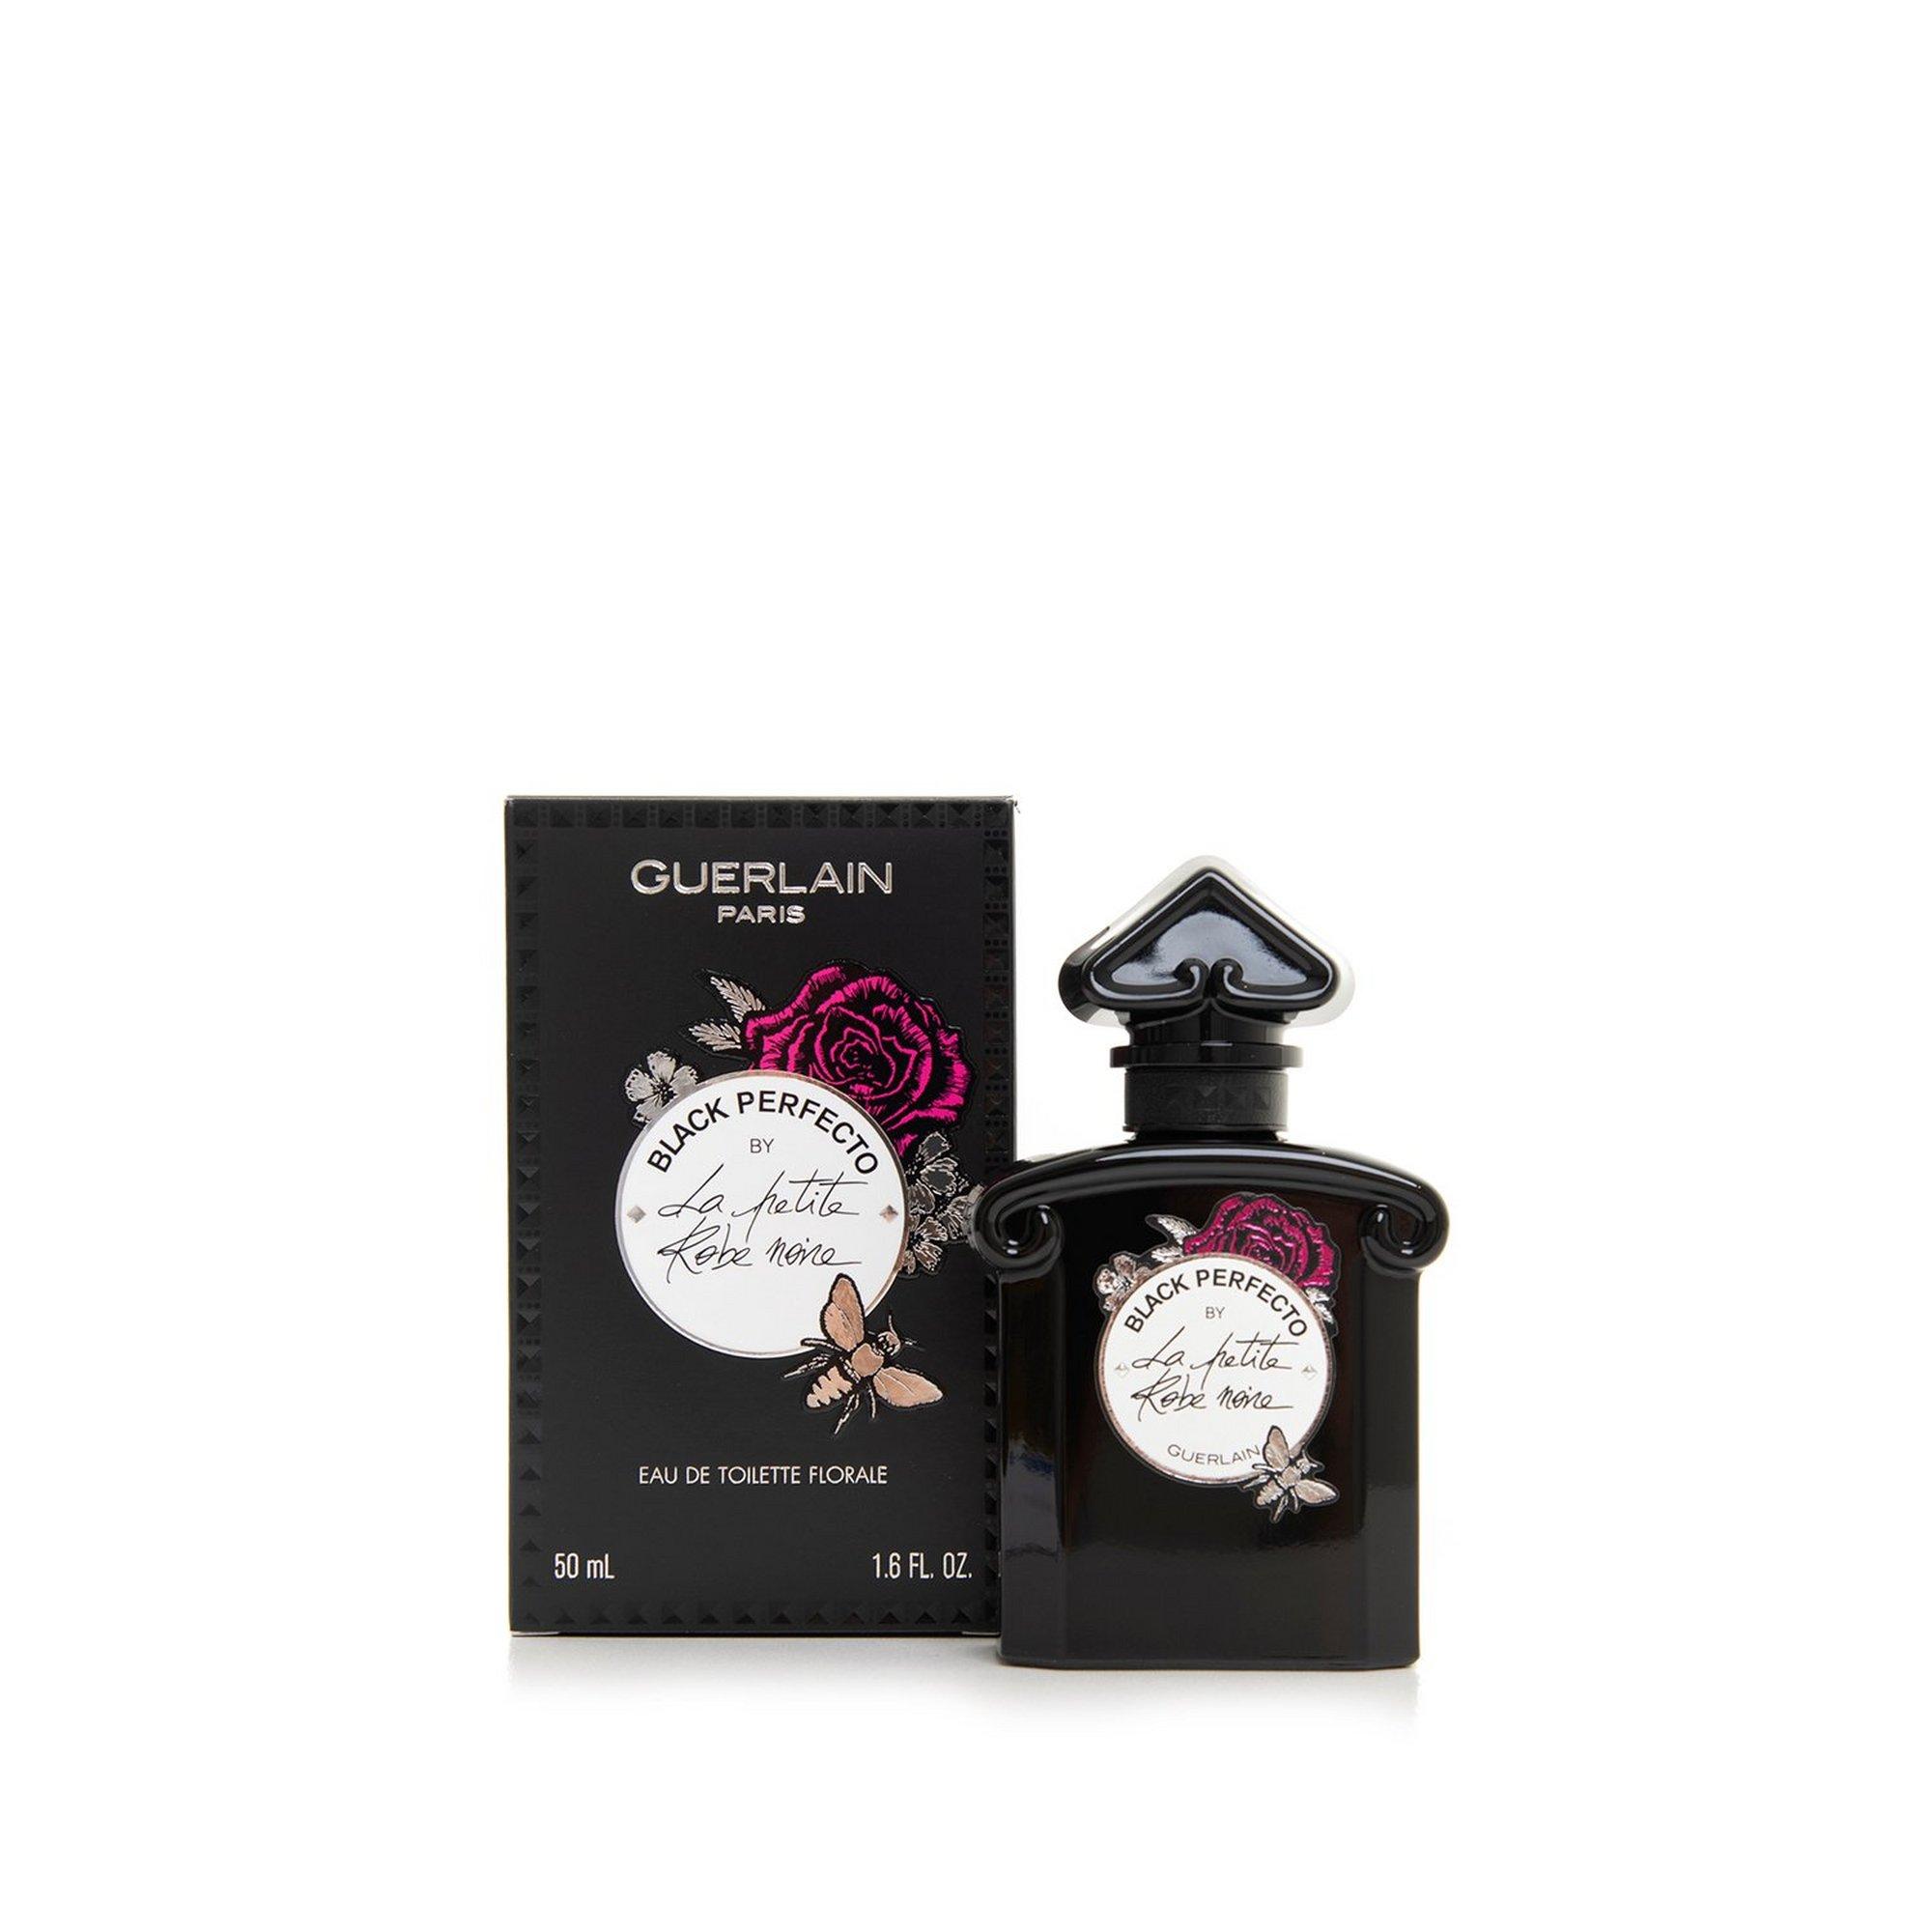 Image of Guerlain La Petite Robe Noir Black Perfecto Florale 50ml EDT